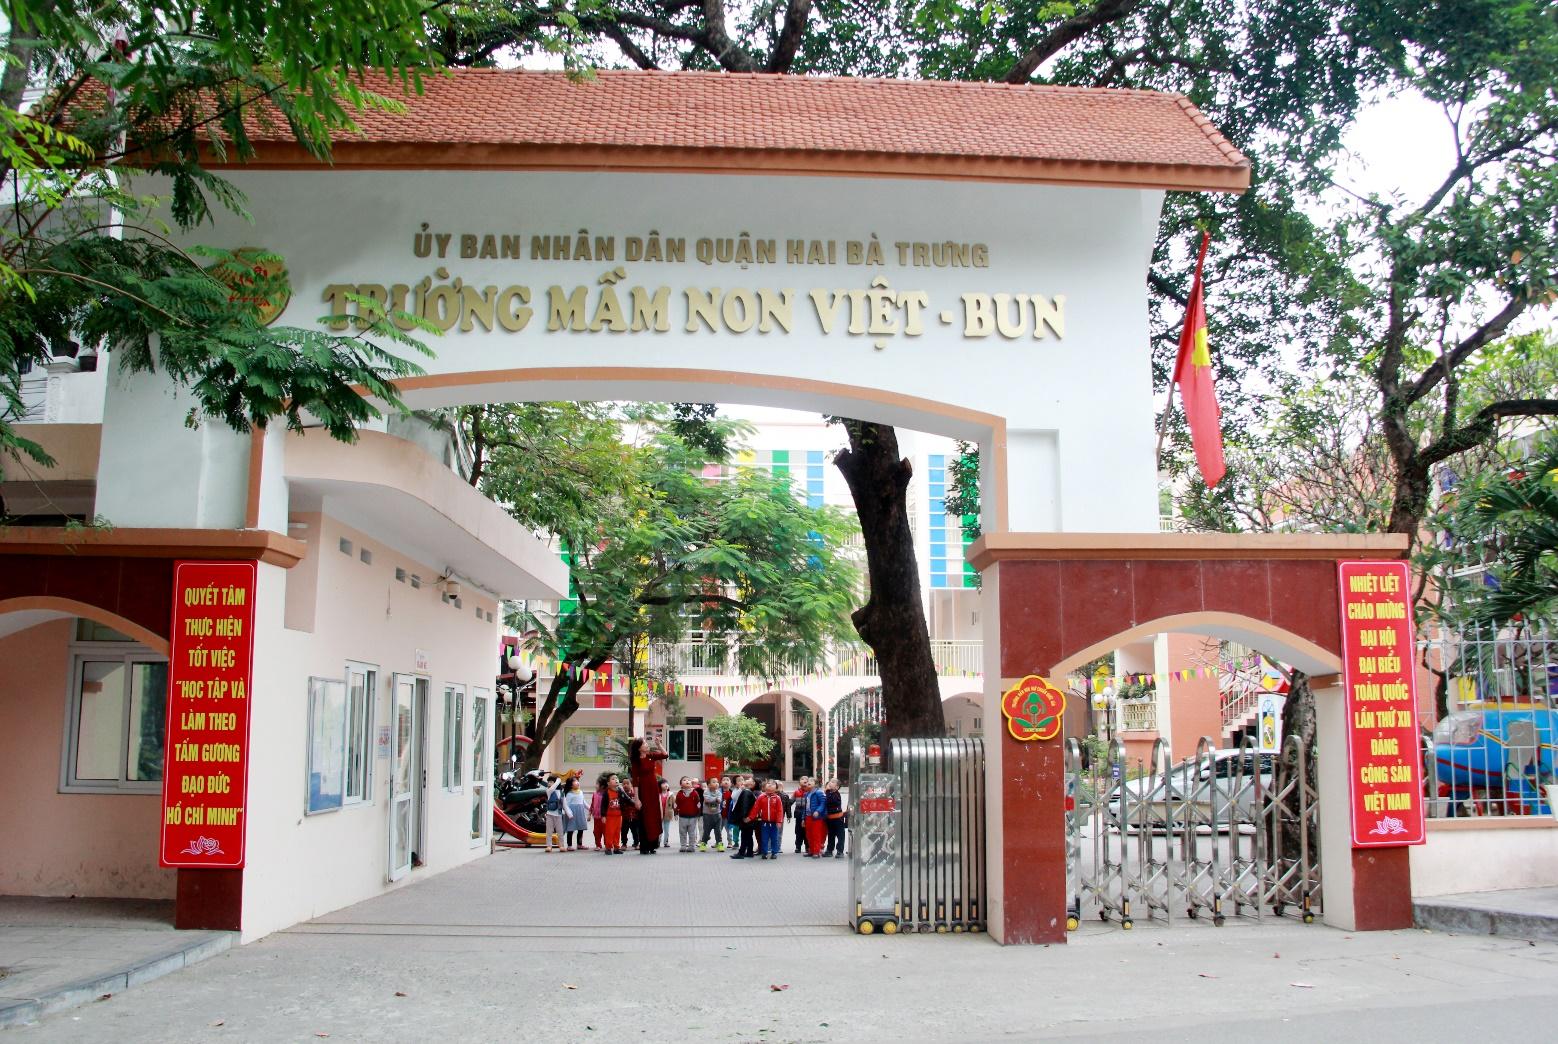 Đi tìm những trường mầm non công lập được bố mẹ Hà Nội ưu ái gửi con vào bởi học phí rẻ nhưng chất lượng giáo dục thuộc hàng top - Ảnh 1.